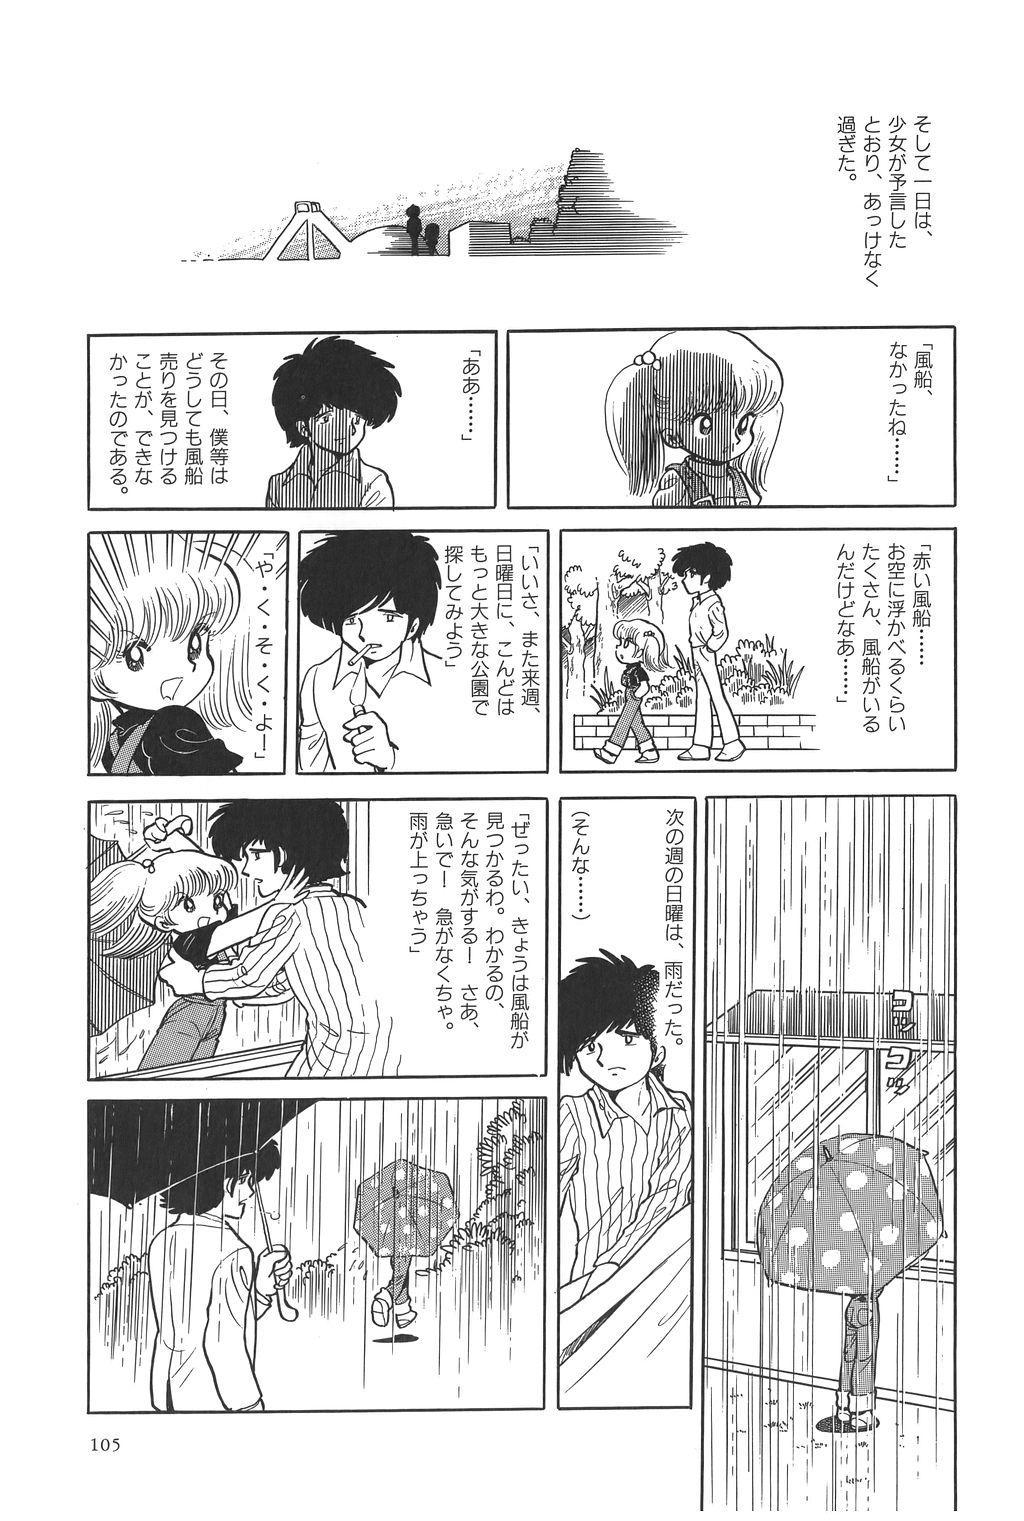 Azuma Hideo Sakuhin Shuusei - Yoru no Tobari no Naka de 107